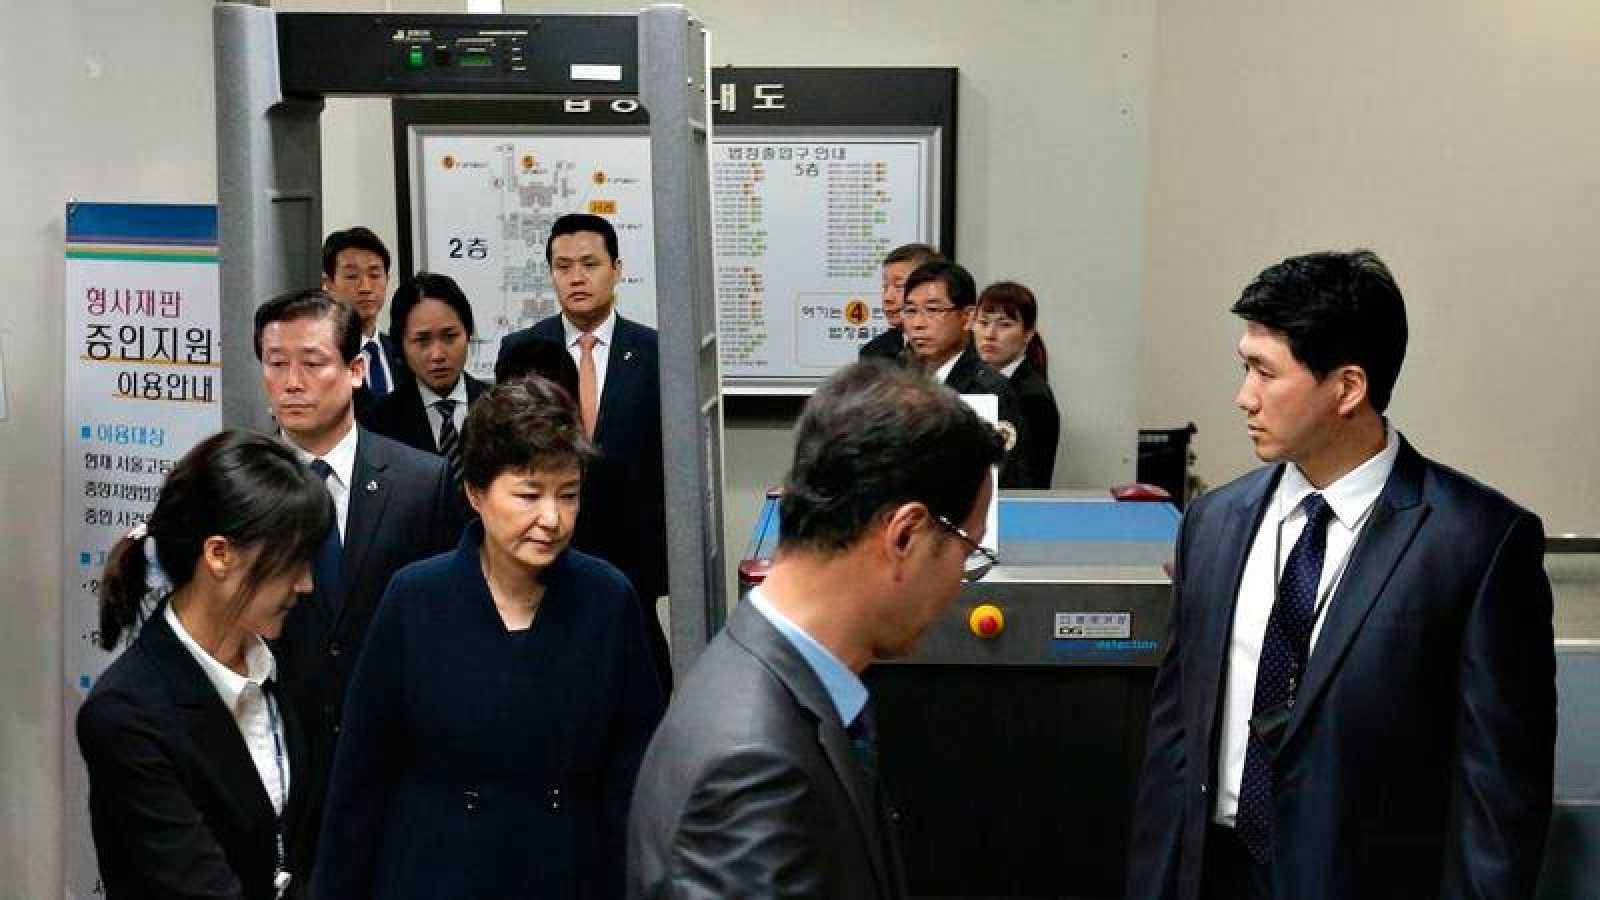 La expresidenta de Corea del Sur, Park Geun-hye, a su llegada qa los juzgados de Seúl